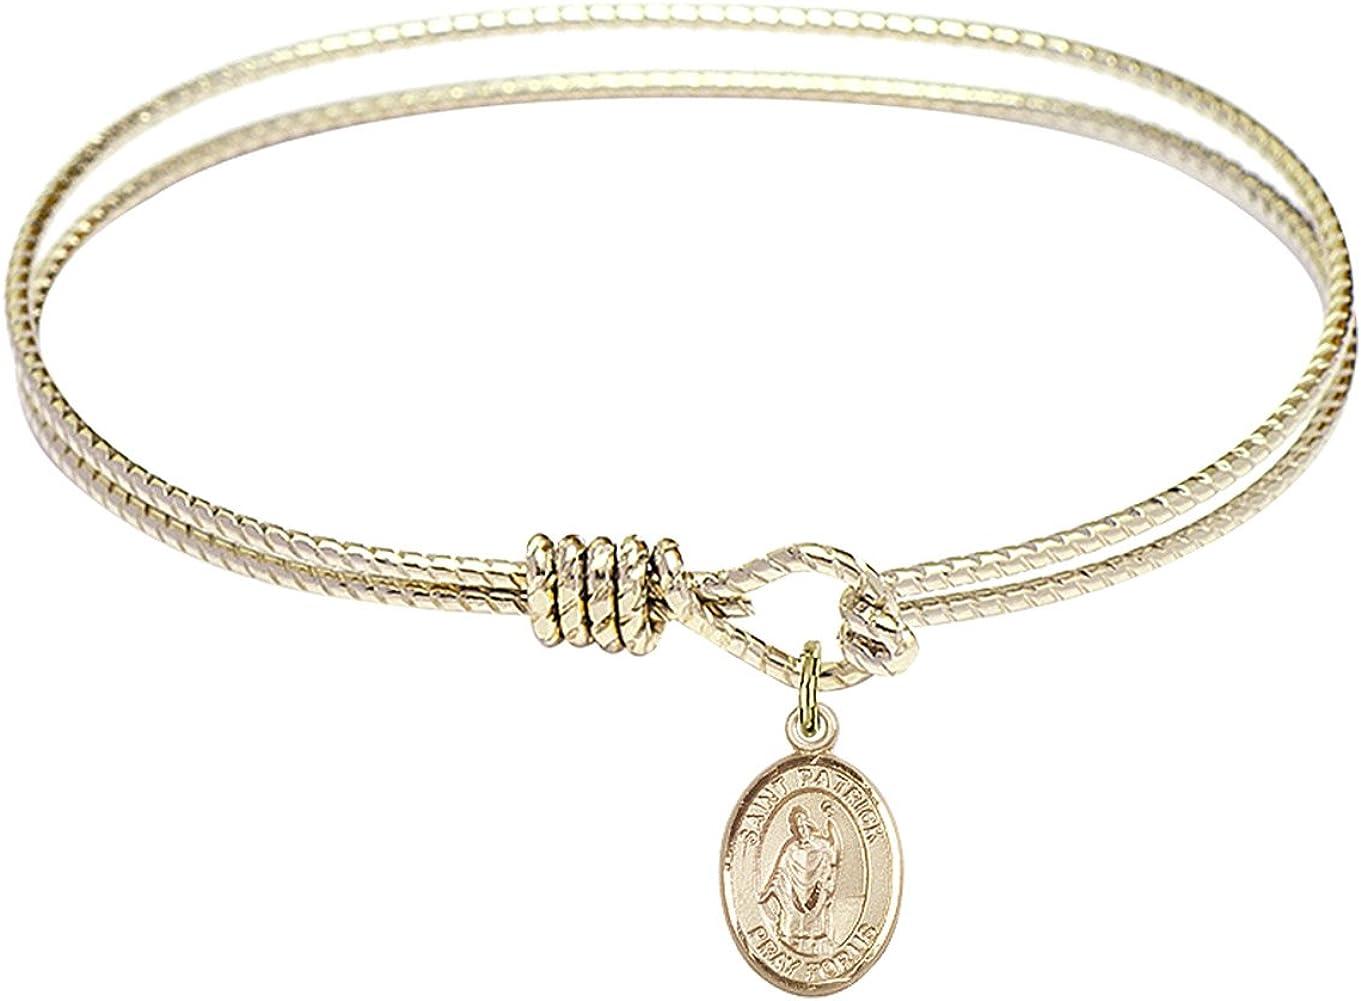 DiamondJewelryNY Eye Hook Bangle Bracelet with a St. Patrick Charm.